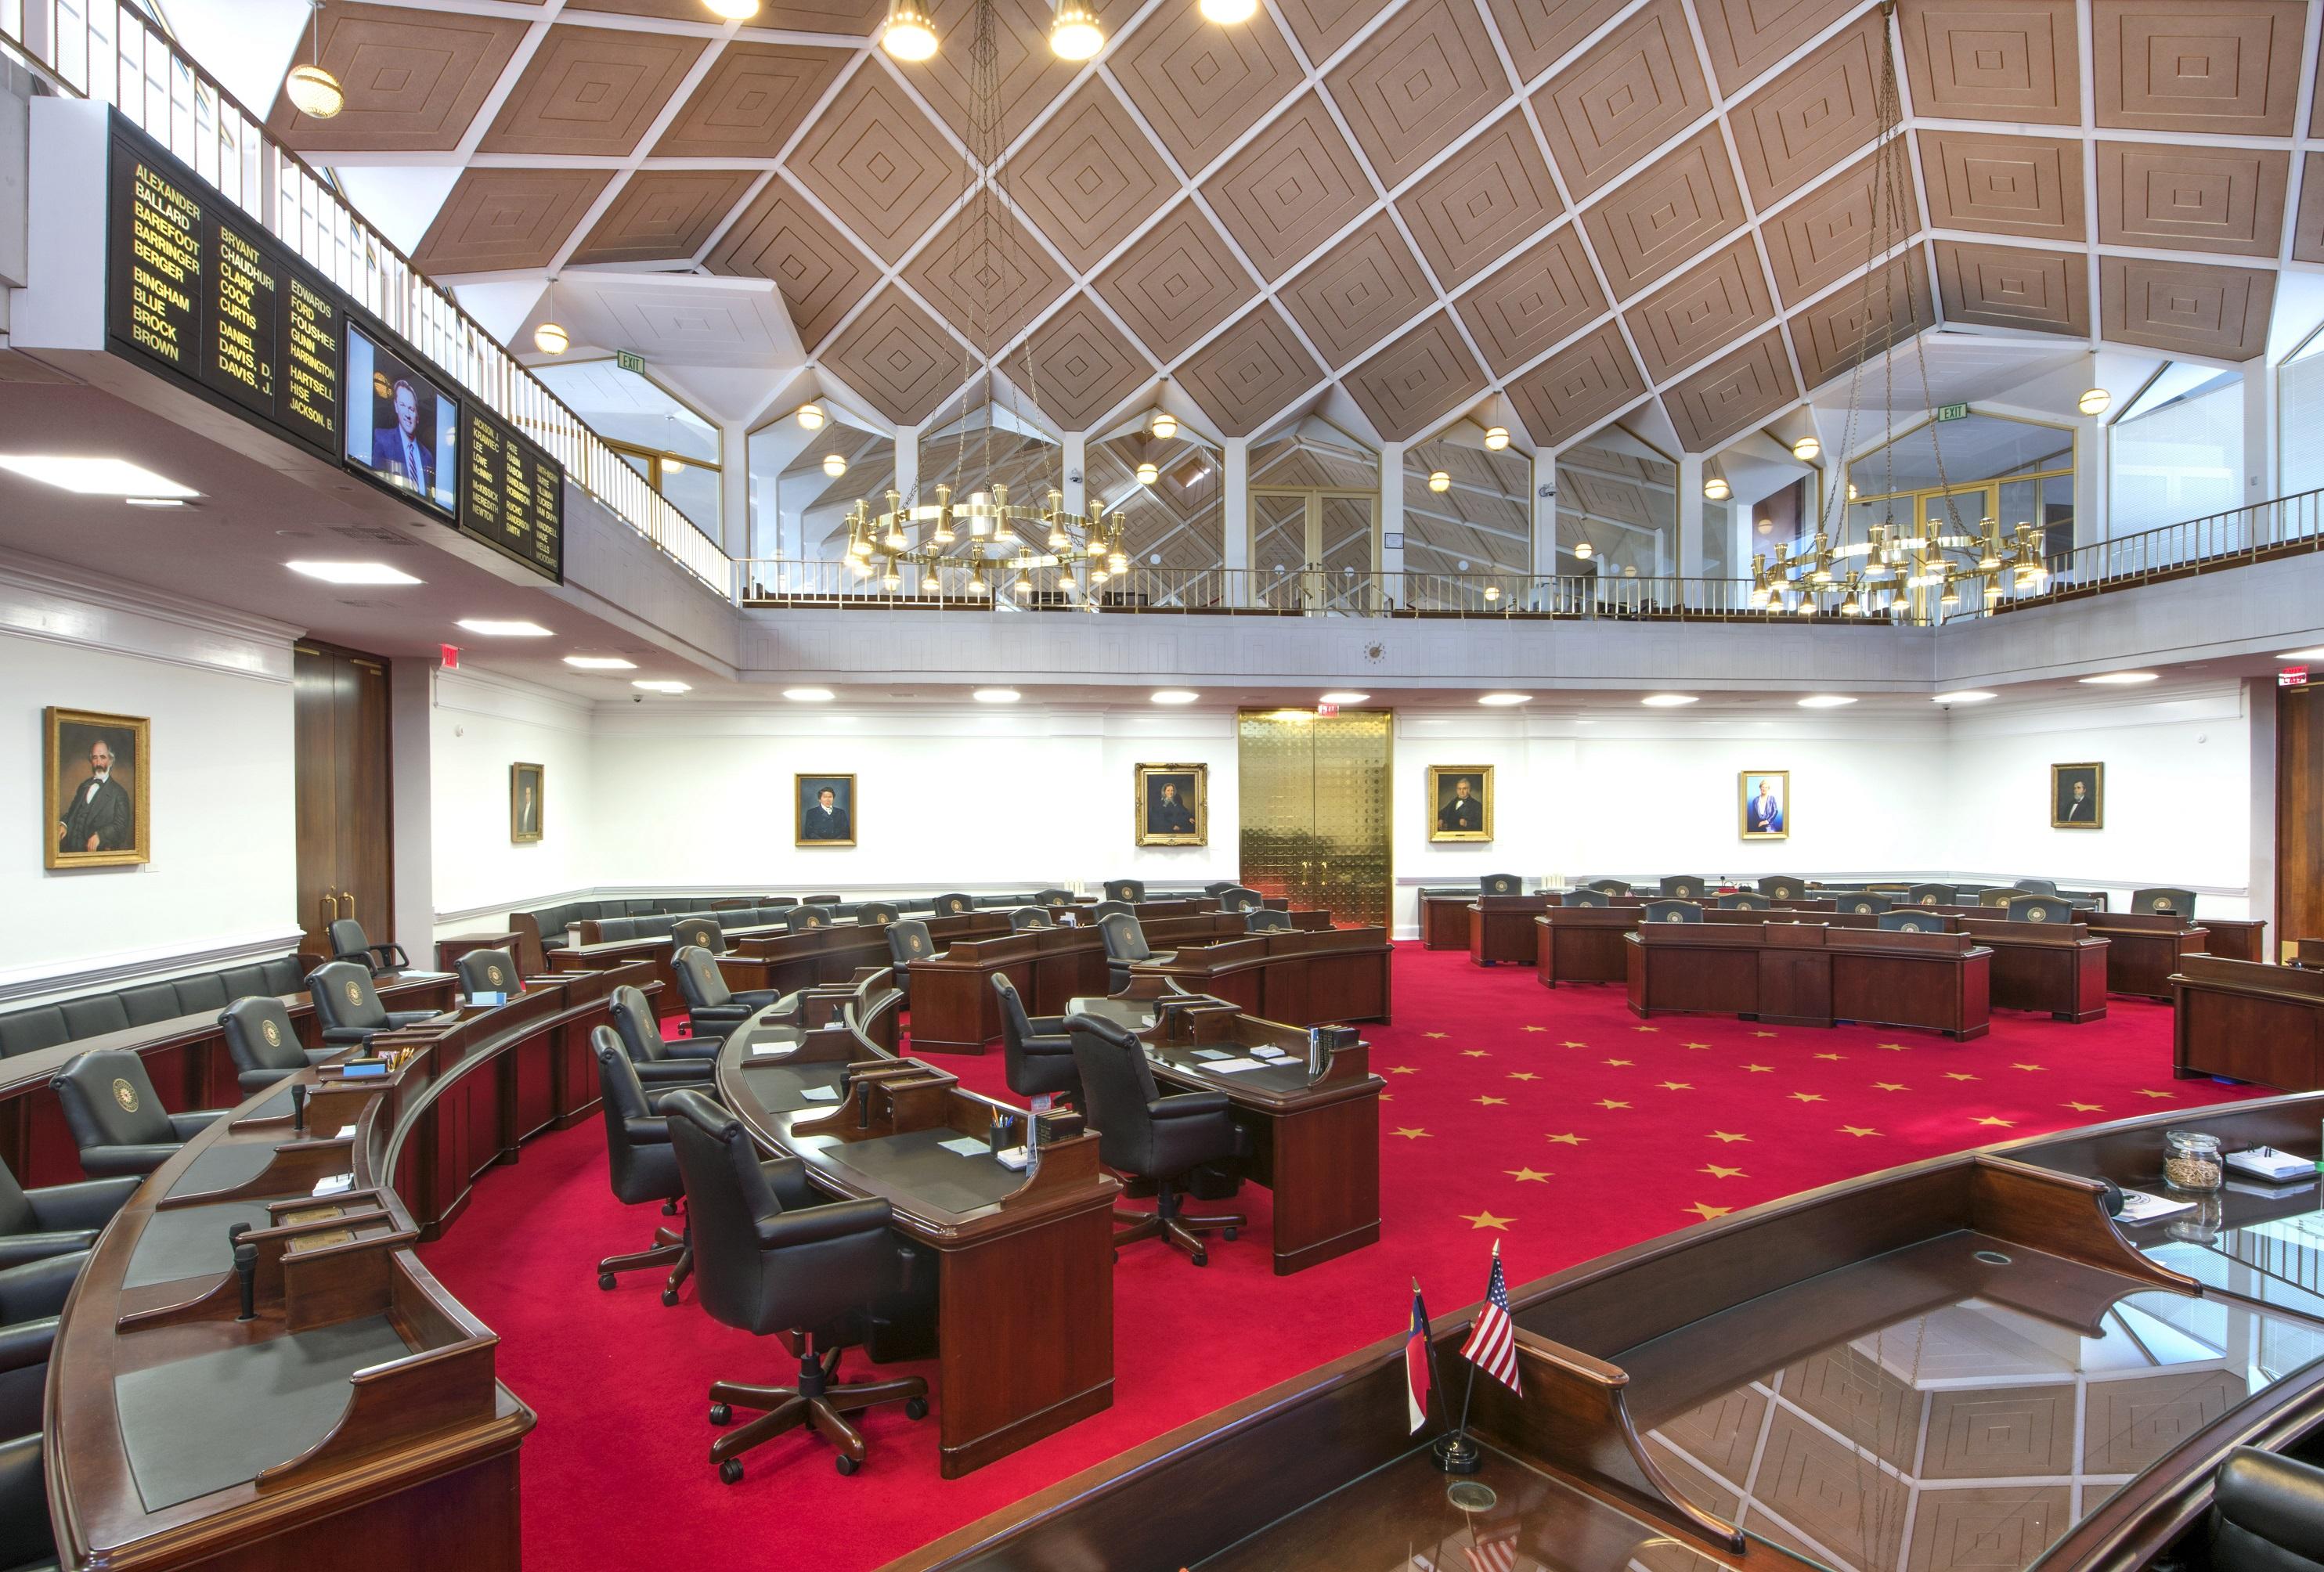 Senate_Chamber_photo-16-1212-010.jpg